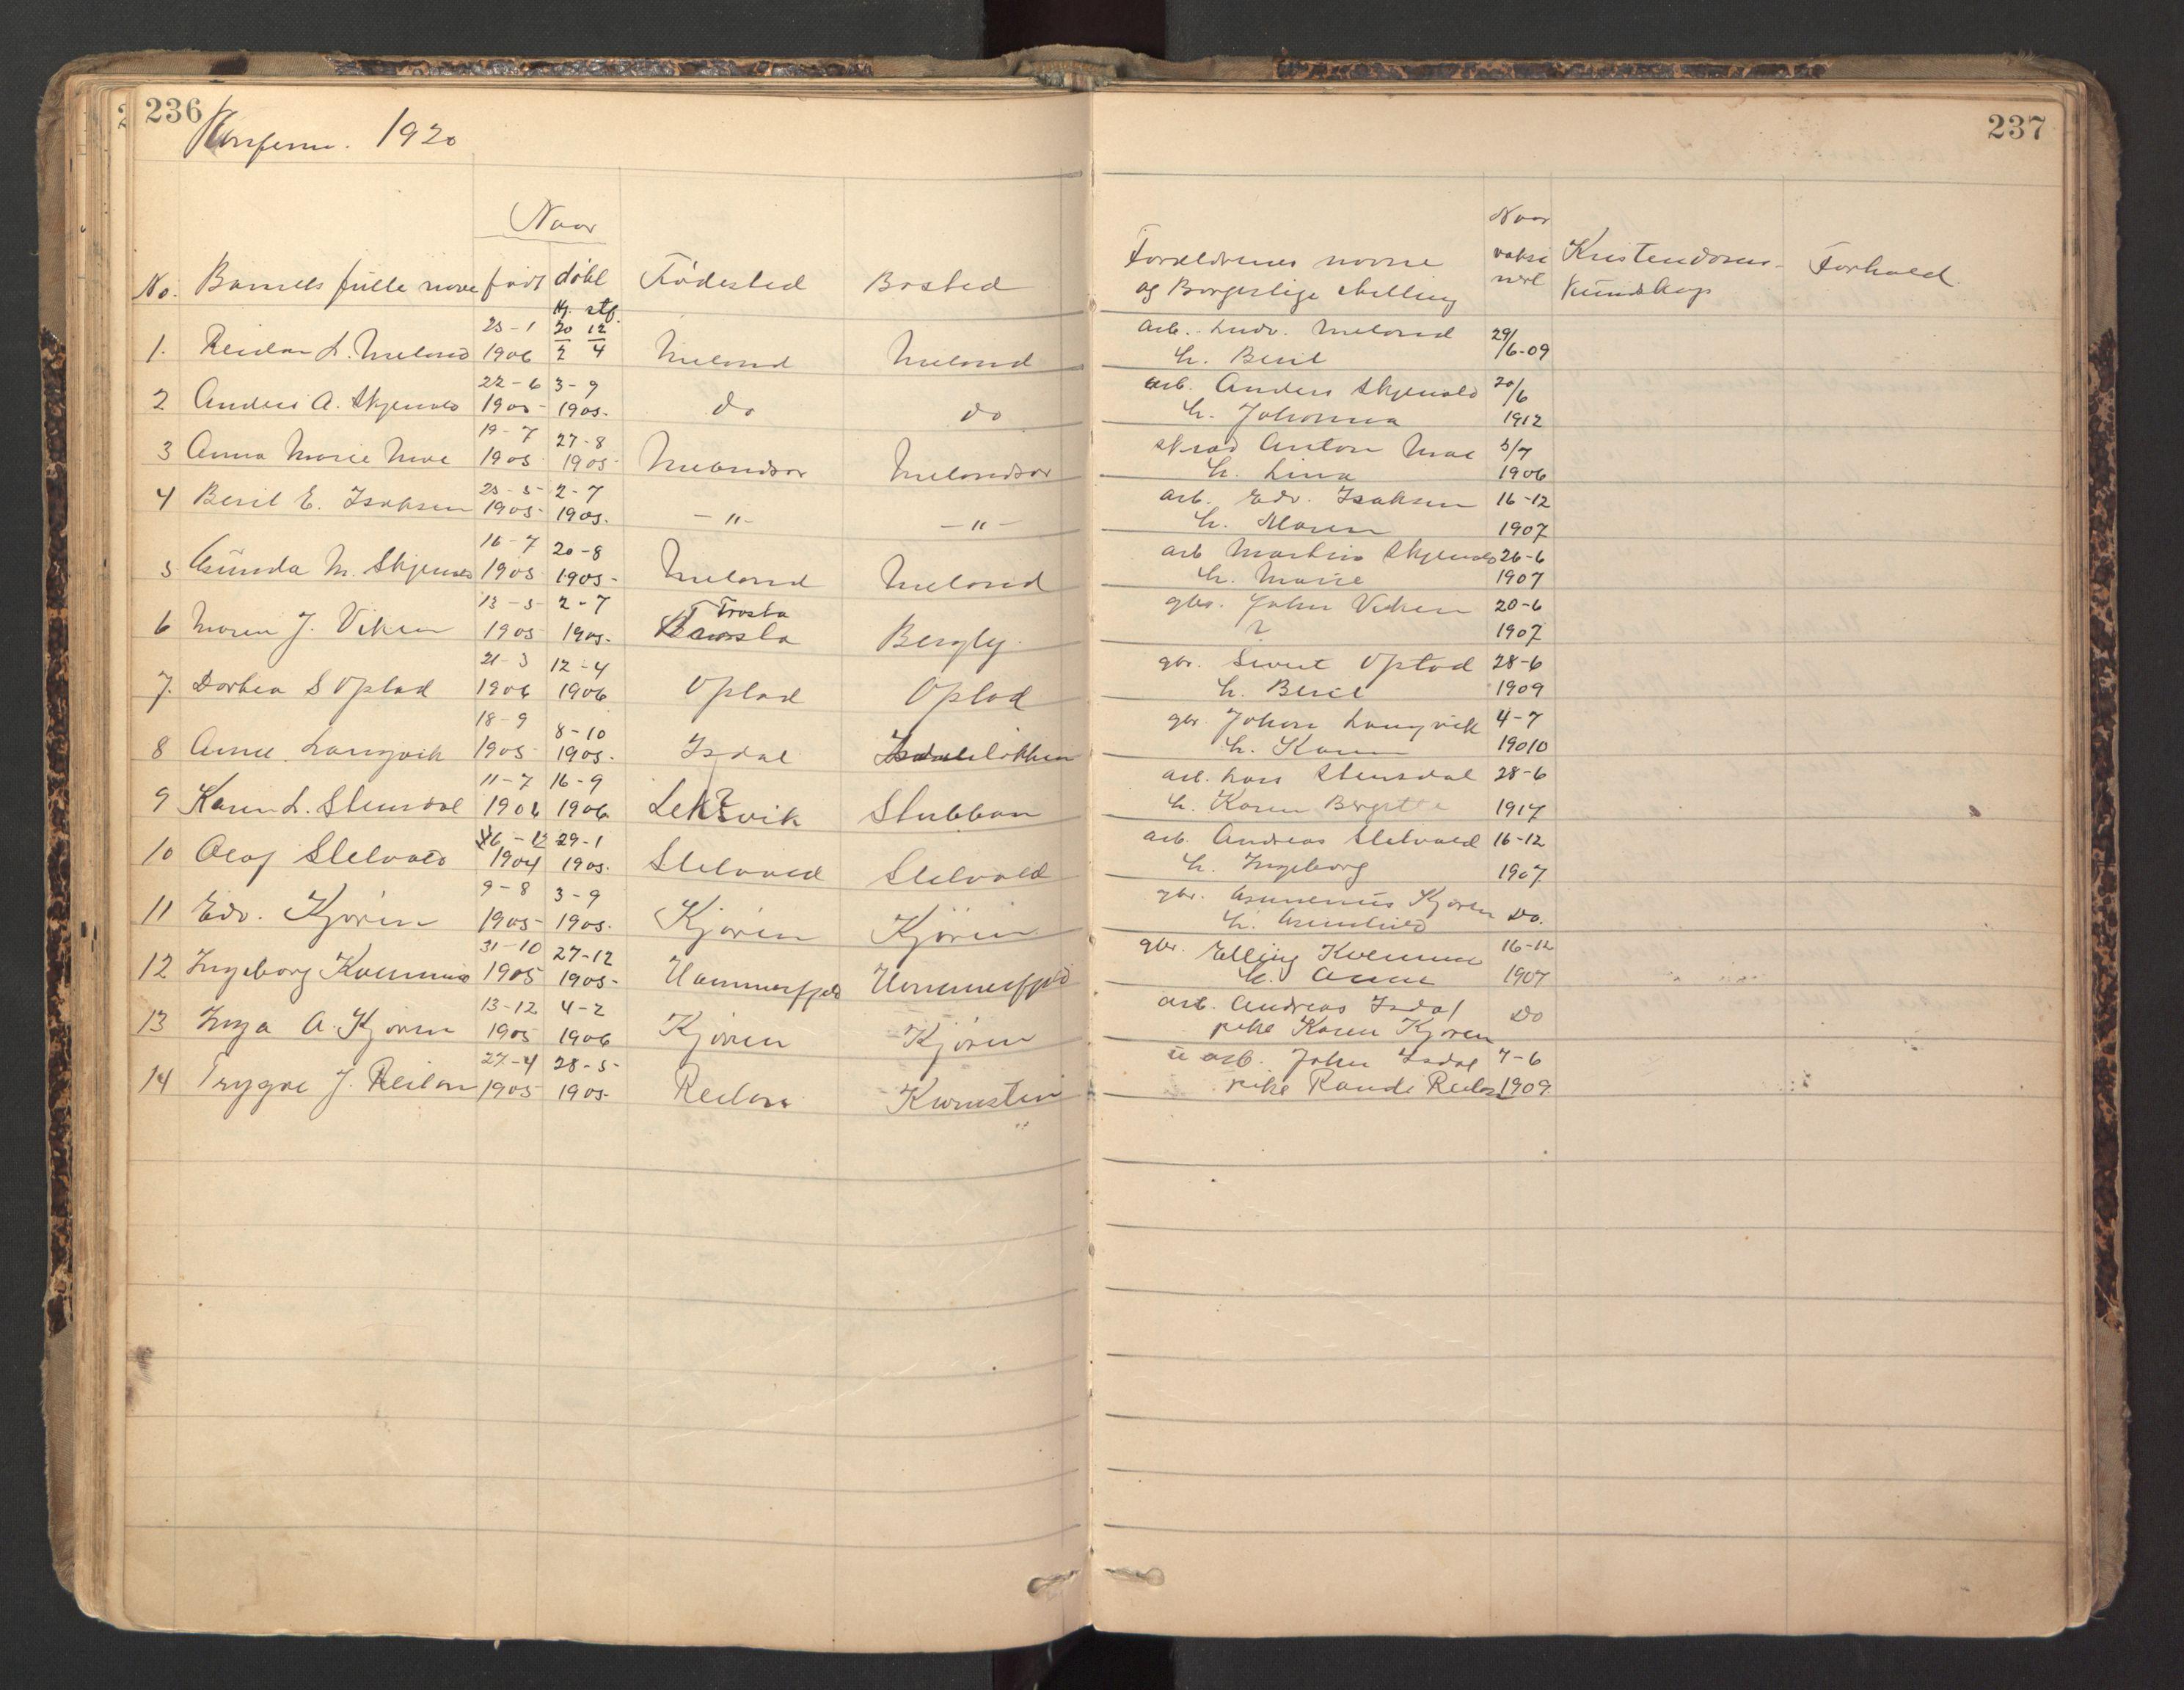 SAT, Ministerialprotokoller, klokkerbøker og fødselsregistre - Sør-Trøndelag, 670/L0837: Klokkerbok nr. 670C01, 1905-1946, s. 236-237